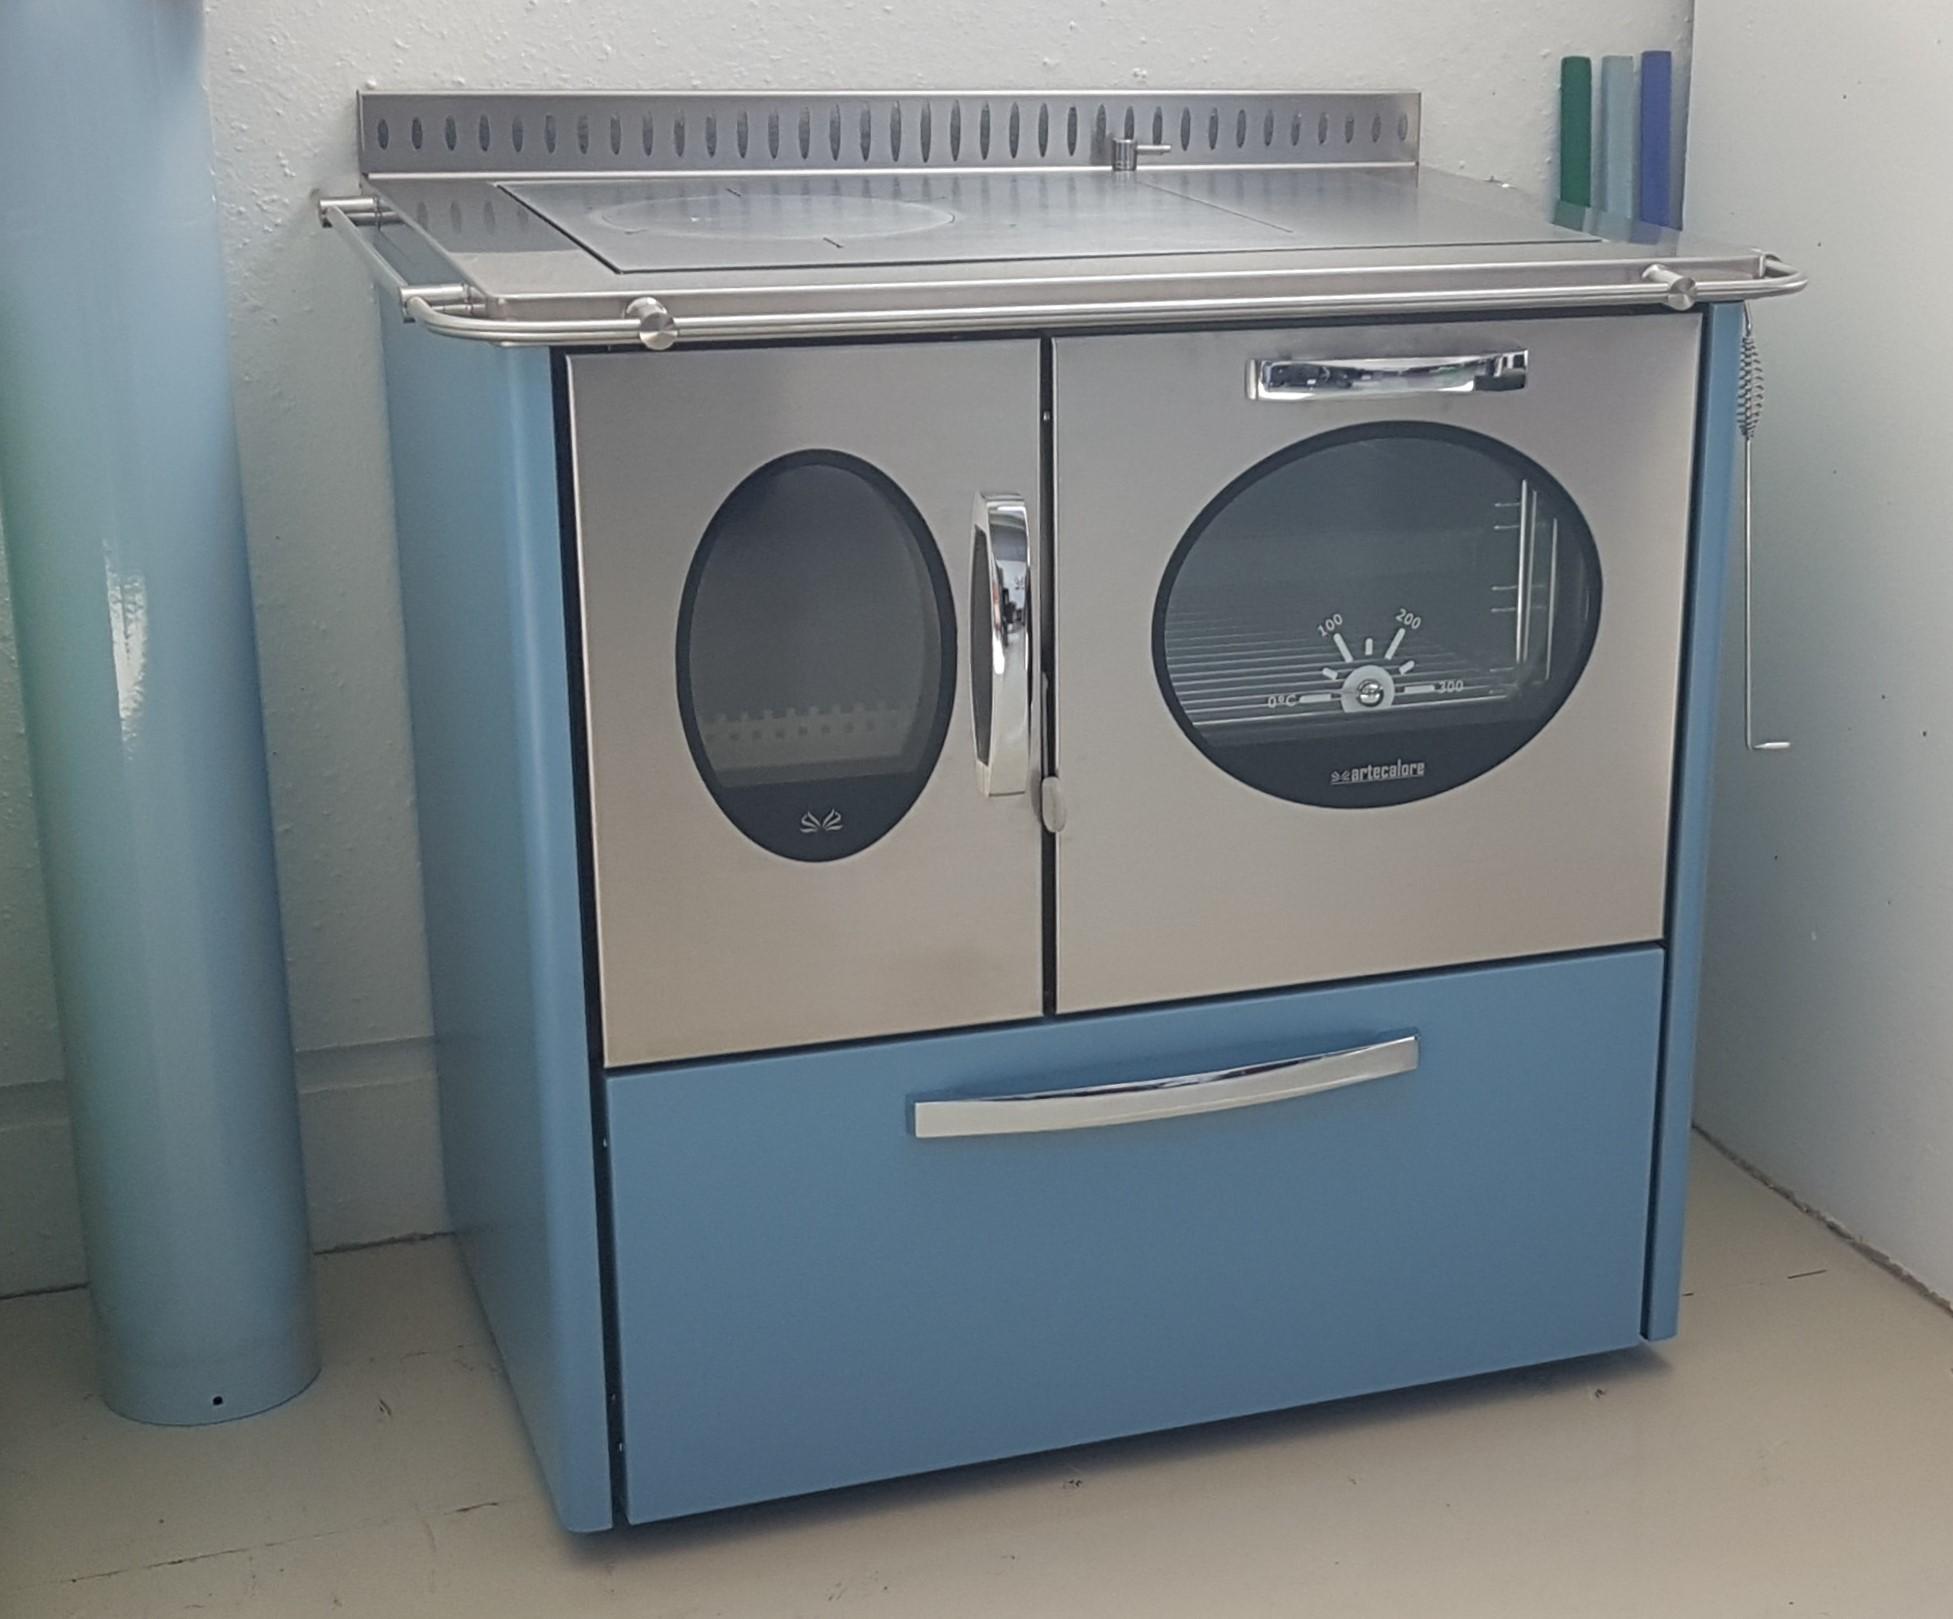 Rizzoli Cucine Personalizzate : Modello liberty duo u artecalore u cucine a legna u pergine